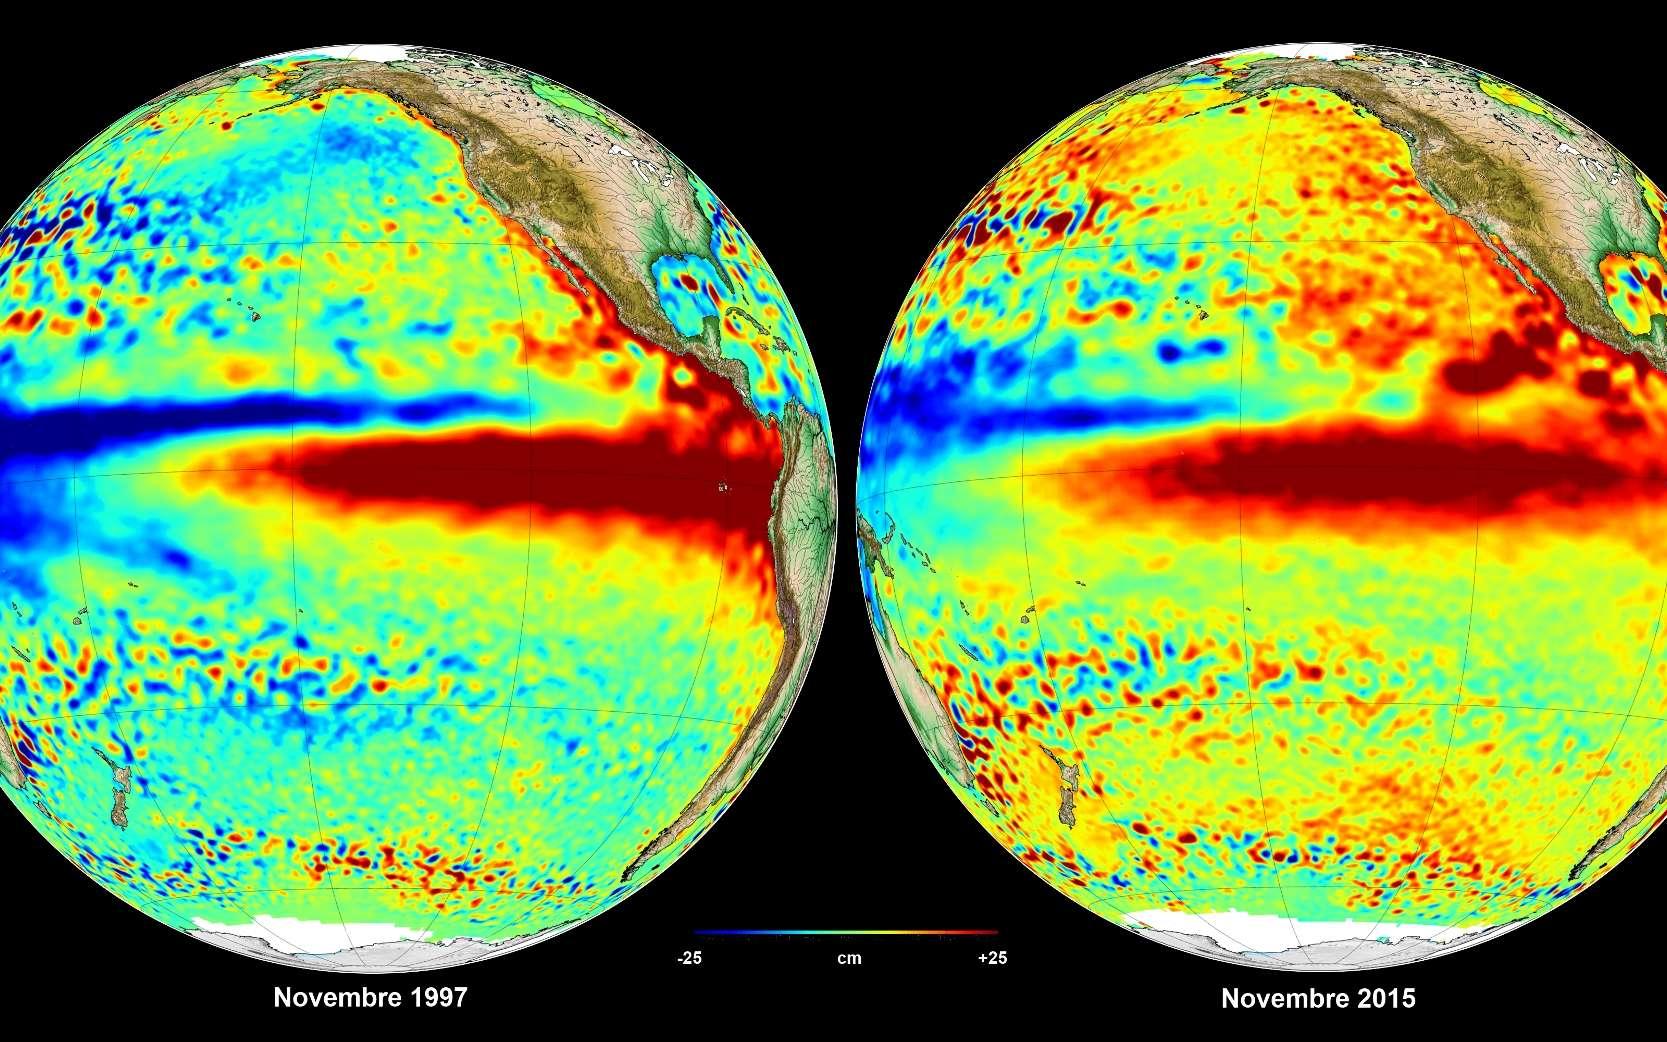 À gauche, El Niño en 1997 (ceinture d'eaux plus chaudes que la moyenne dans le Pacifique). À droite, El Niño en 2015, le plus puissant depuis celui de 1997. © Aviso, Cnes, CLS 2015